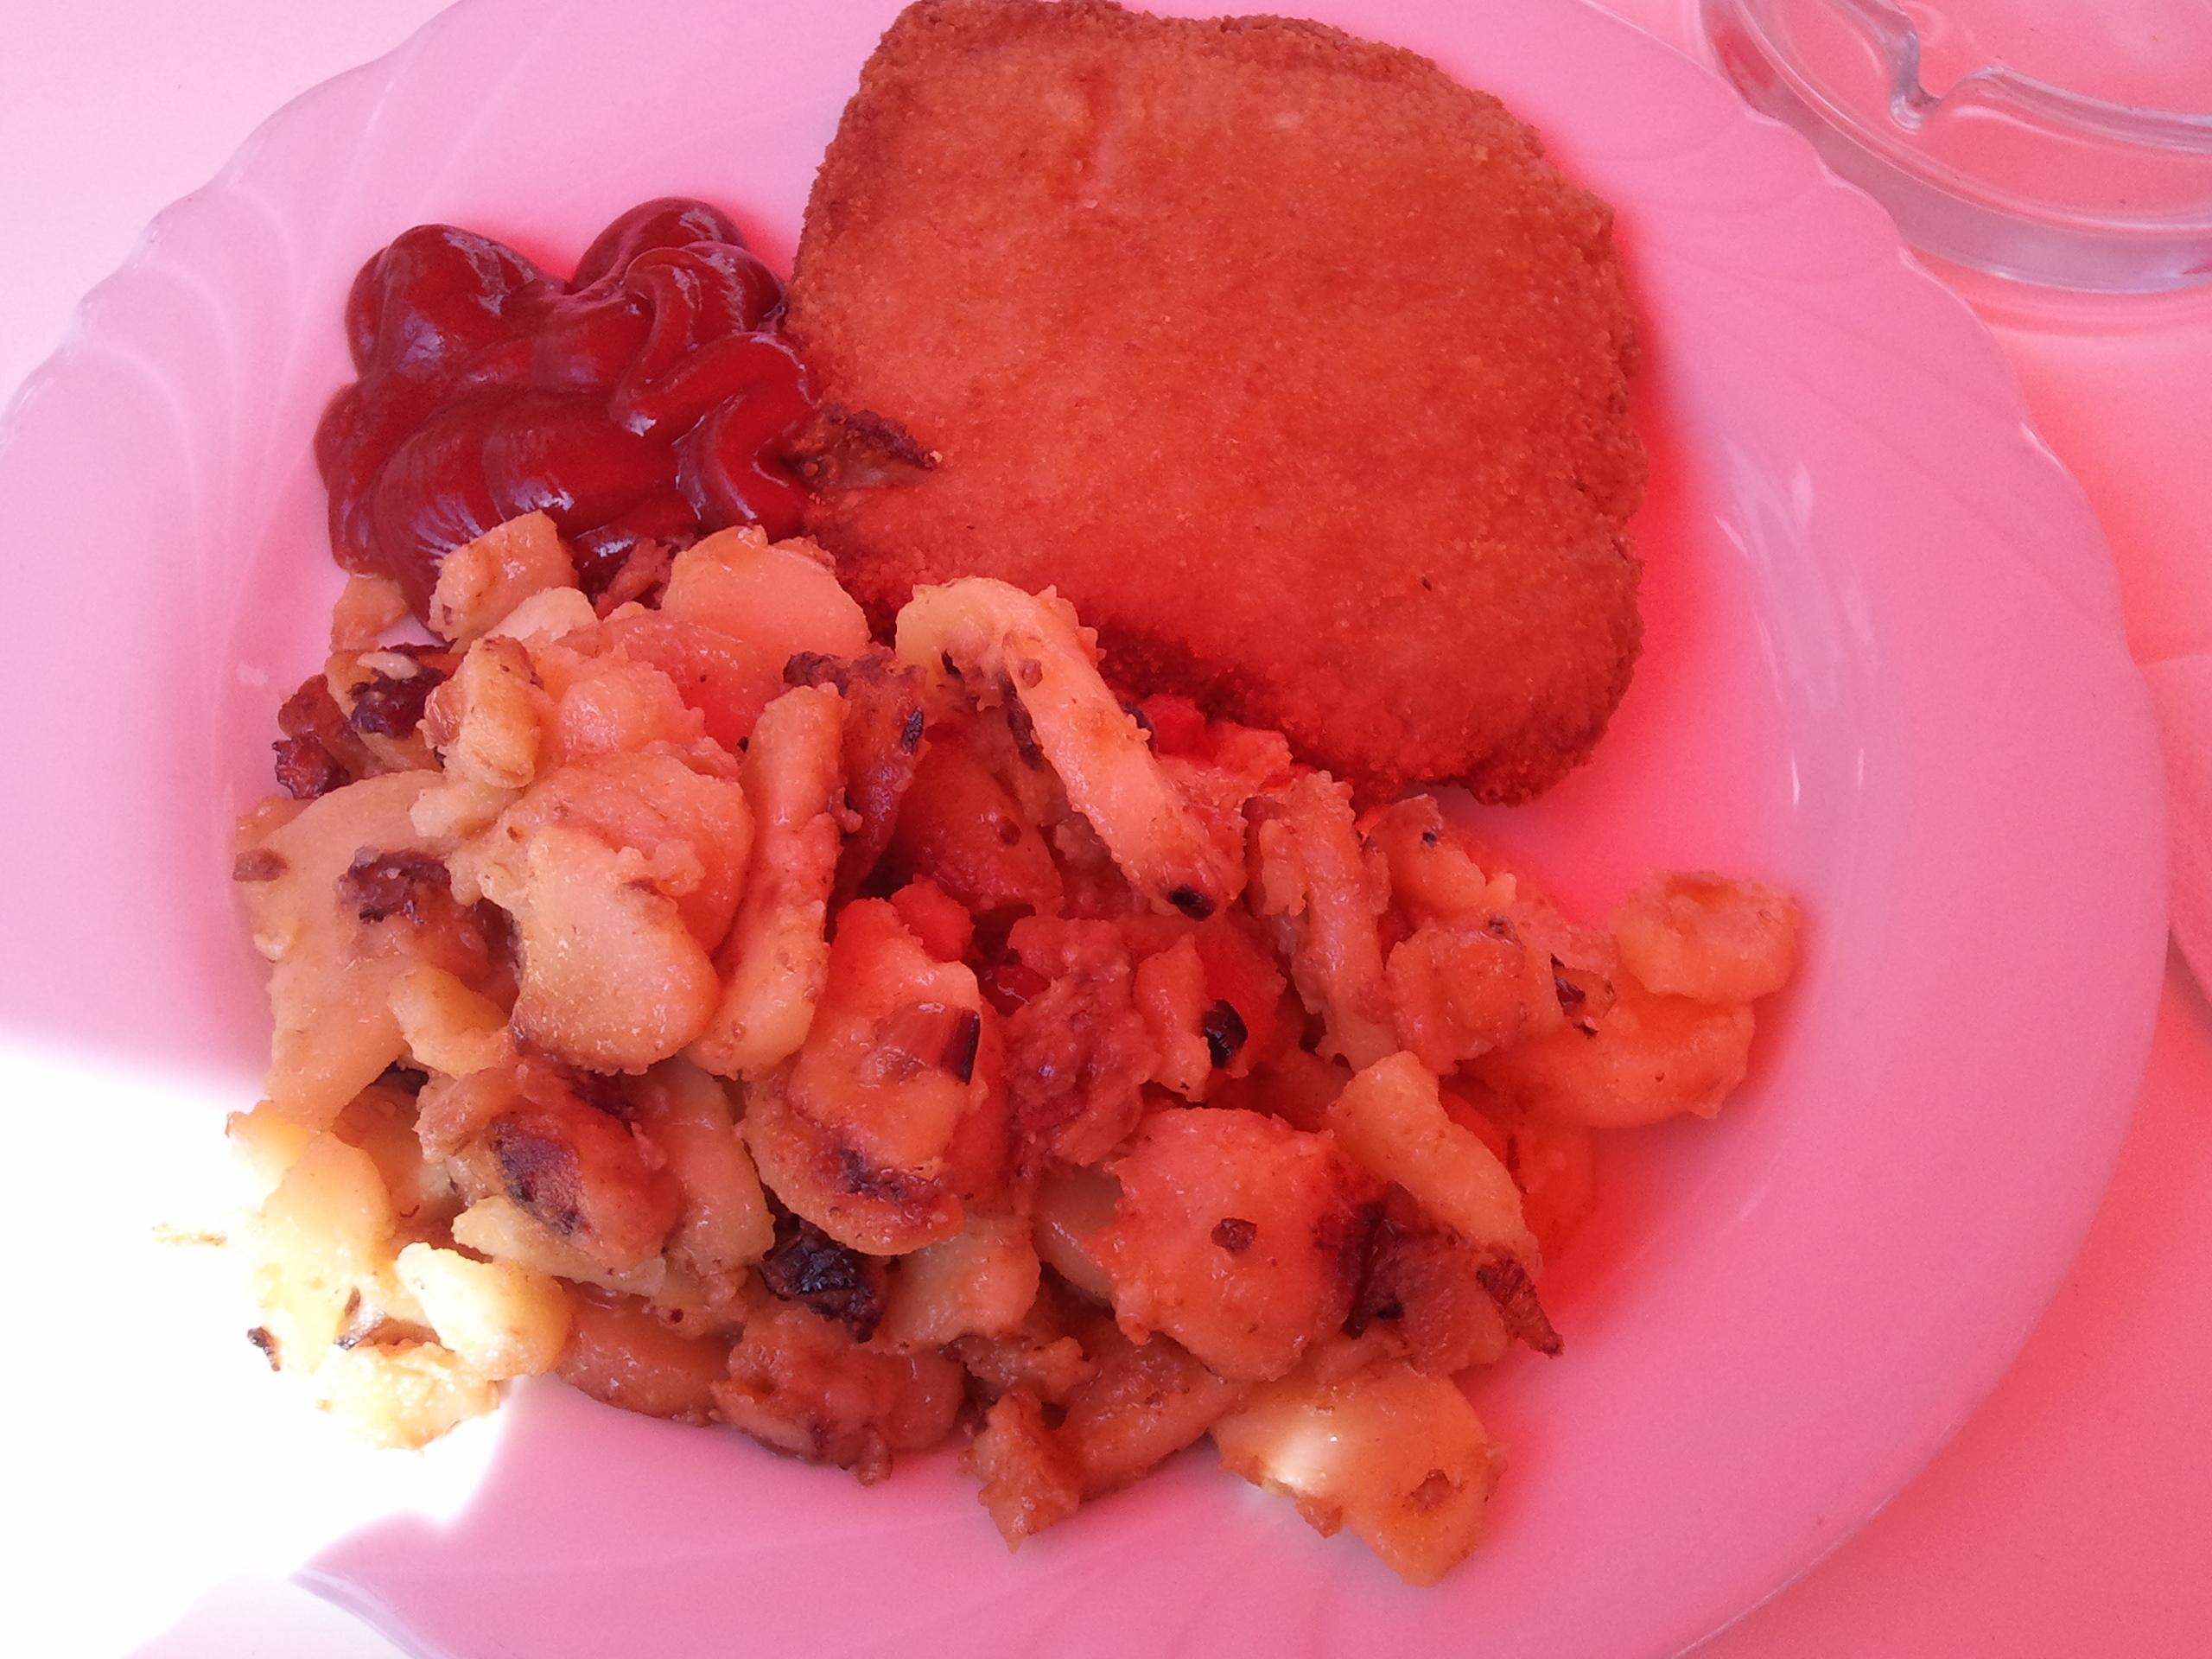 http://foodloader.net/Timber_2012-04-28_Schnitzel.jpg